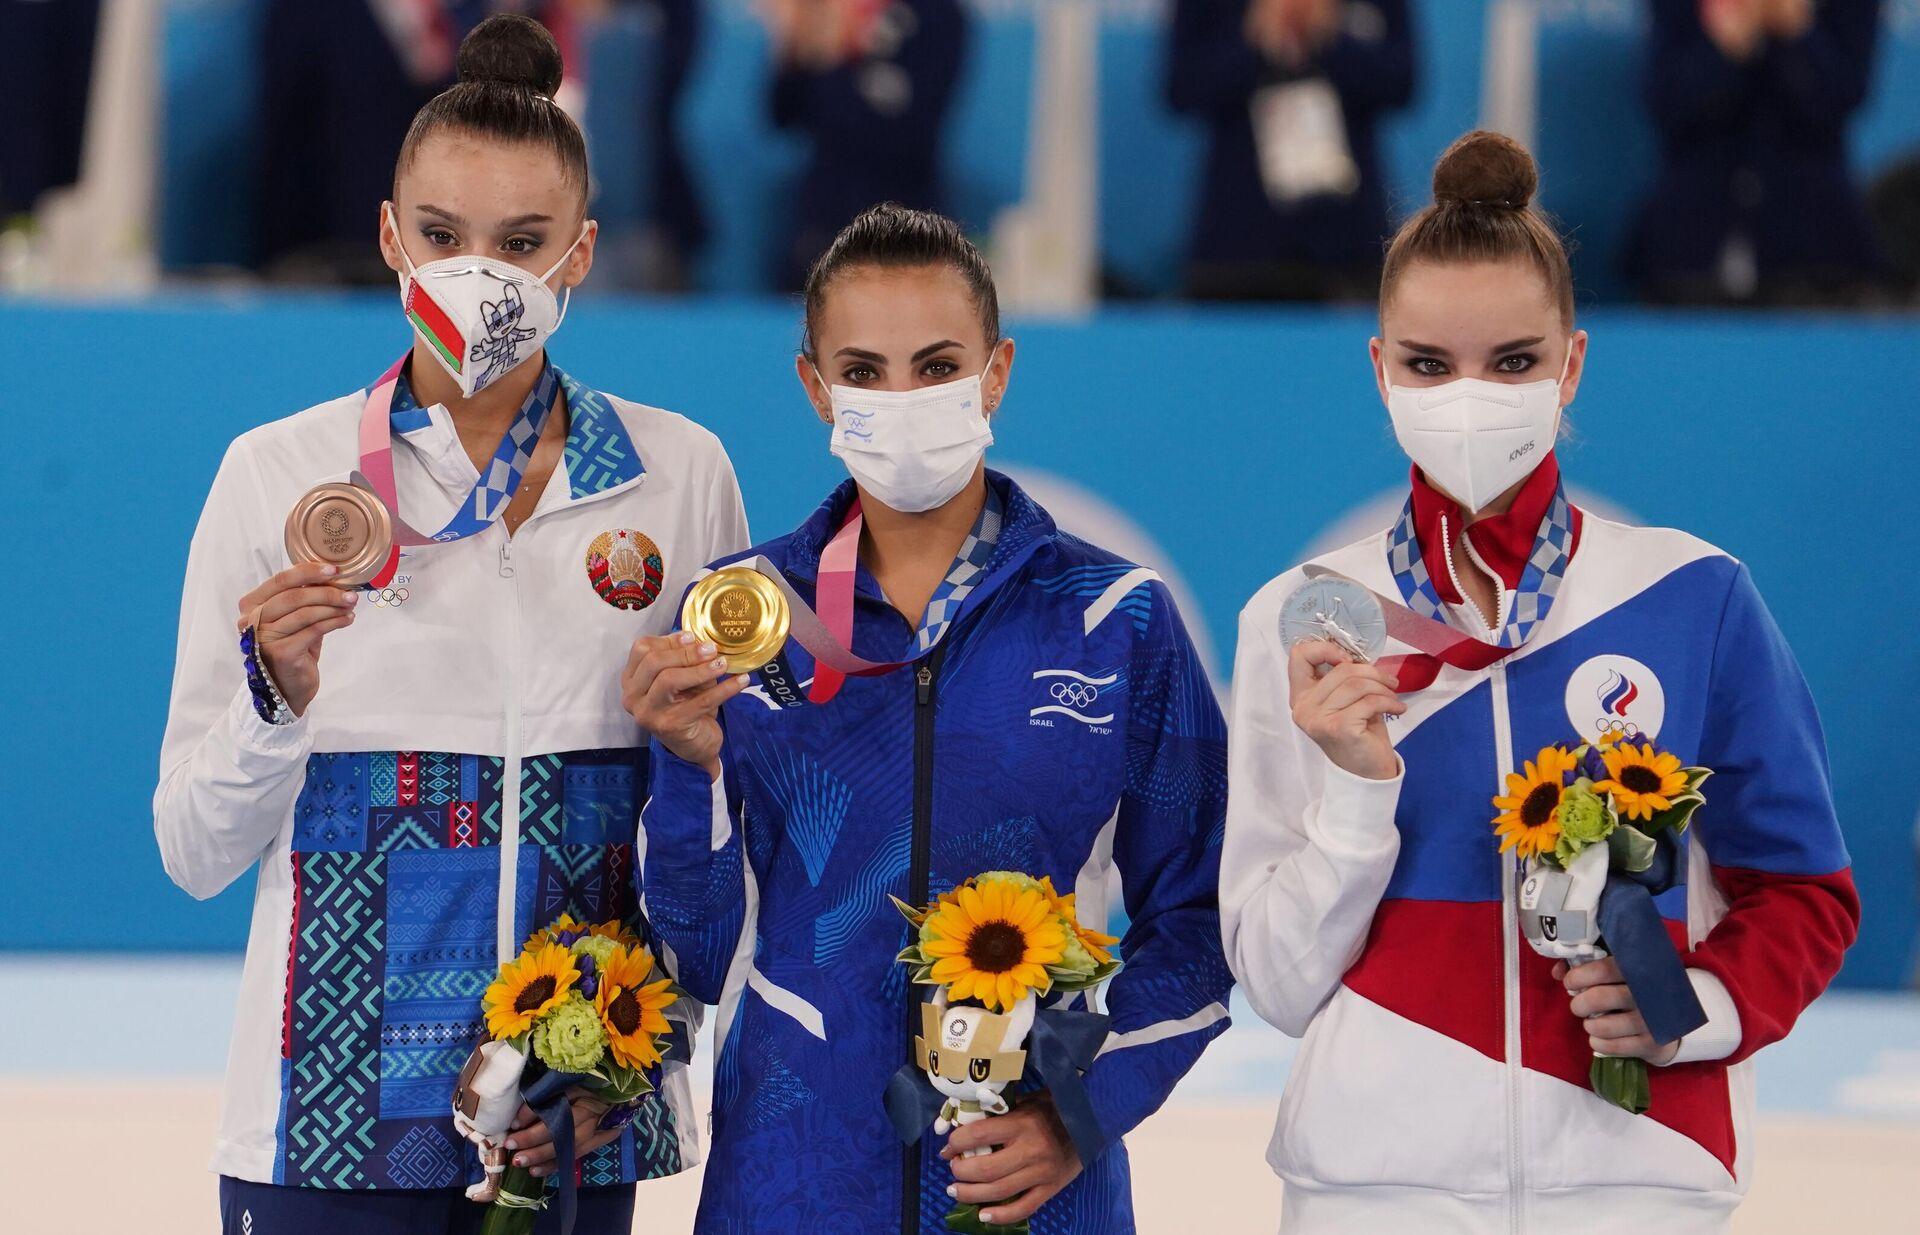 La bielorrusa Alina Harnasko, la israelí Linoy Ashram y la rusa Dina Avérina en el podio del torneo de gimnasia rítmica en los JJOO de Tokio - Sputnik Mundo, 1920, 07.08.2021